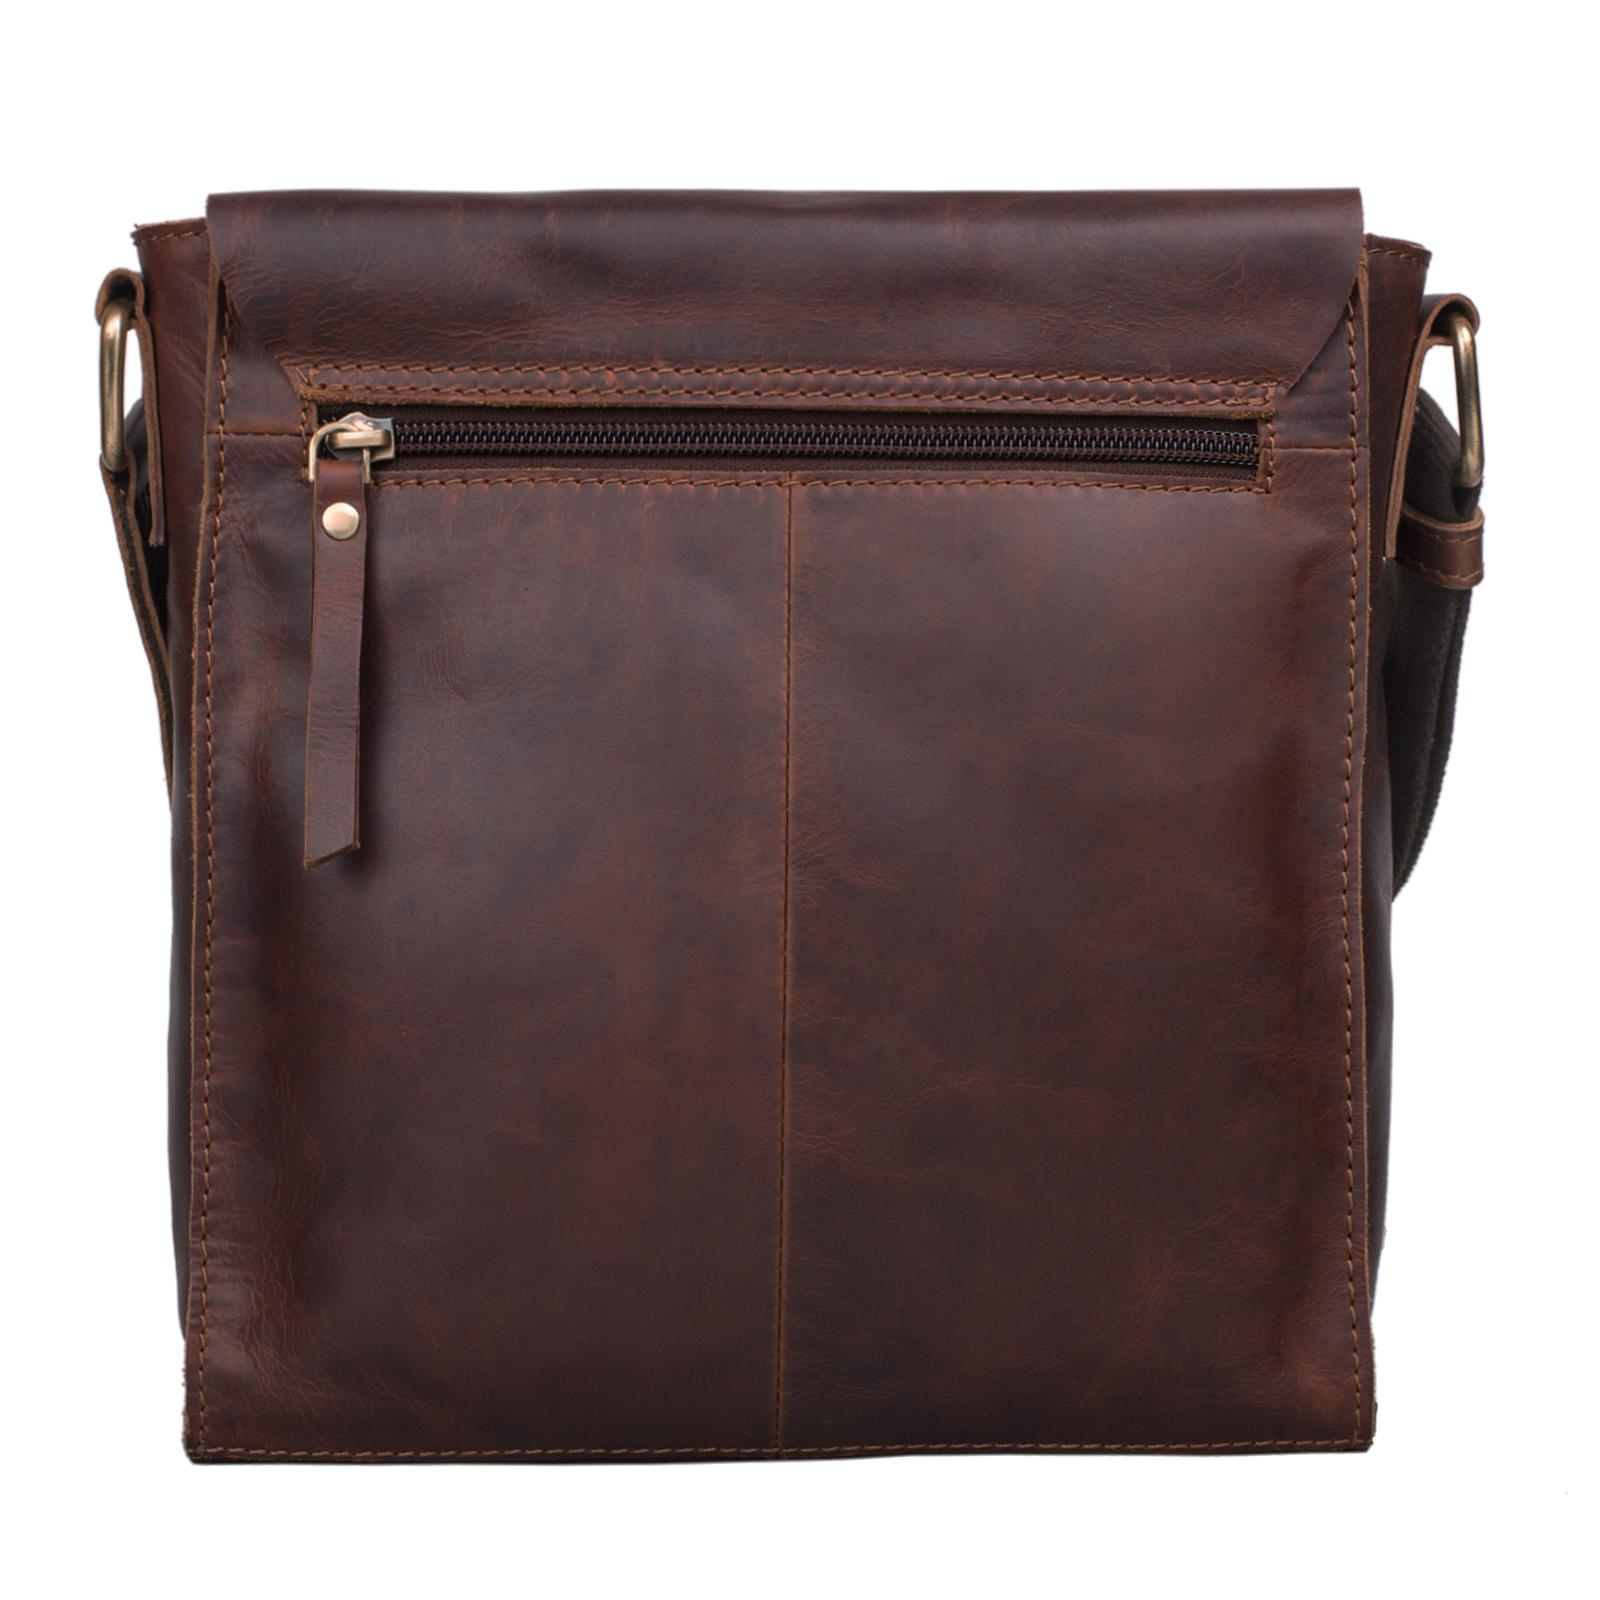 """STILORD """"Malte"""" Kleine Messenger Bag Leder Herren Vintage Schultertasche Umhängetasche für 9.7 Zoll Tablet iPad Handtasche A5 echtes Rindsleder - Bild 6"""